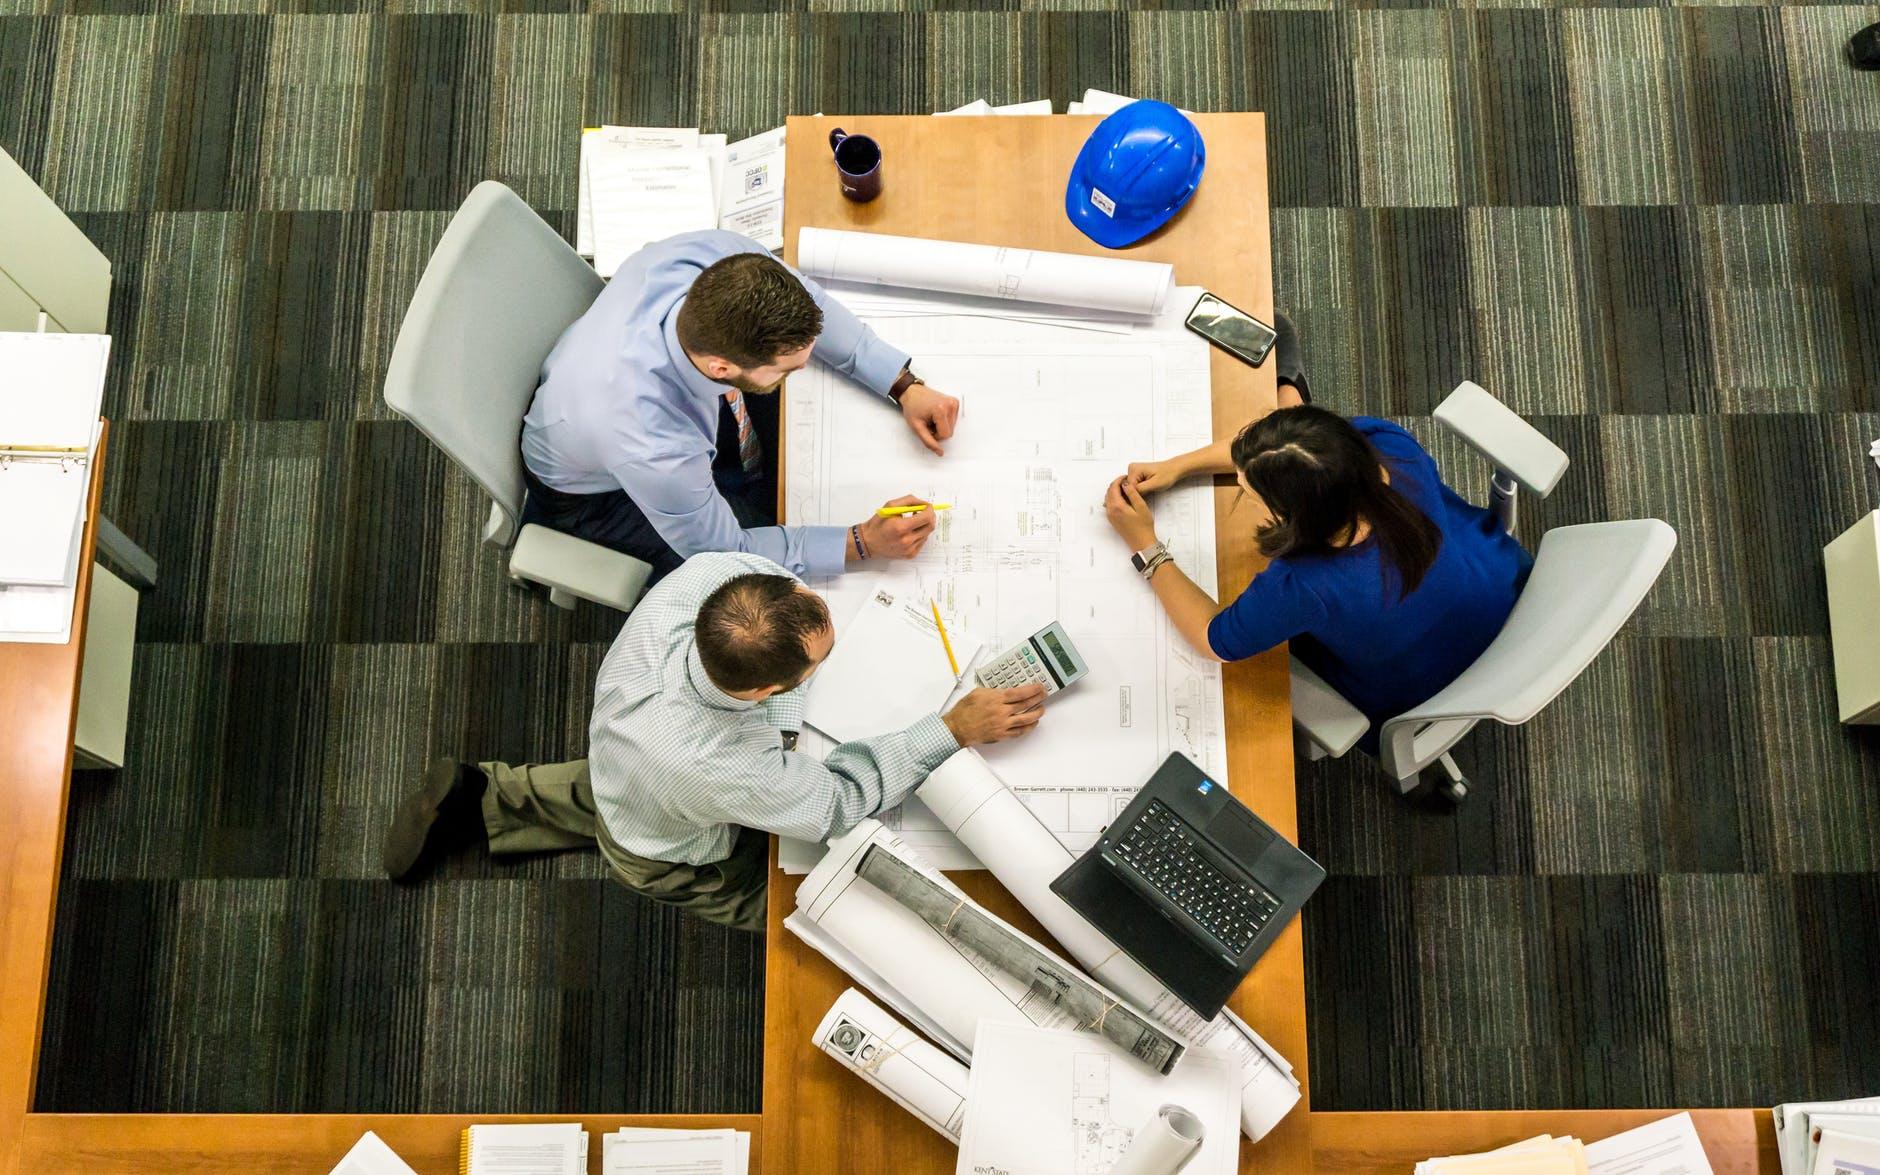 تصميم منزل تعيين فريق العمل كيفية تصميم منزل بنفسك وعبر الإنترنت؟